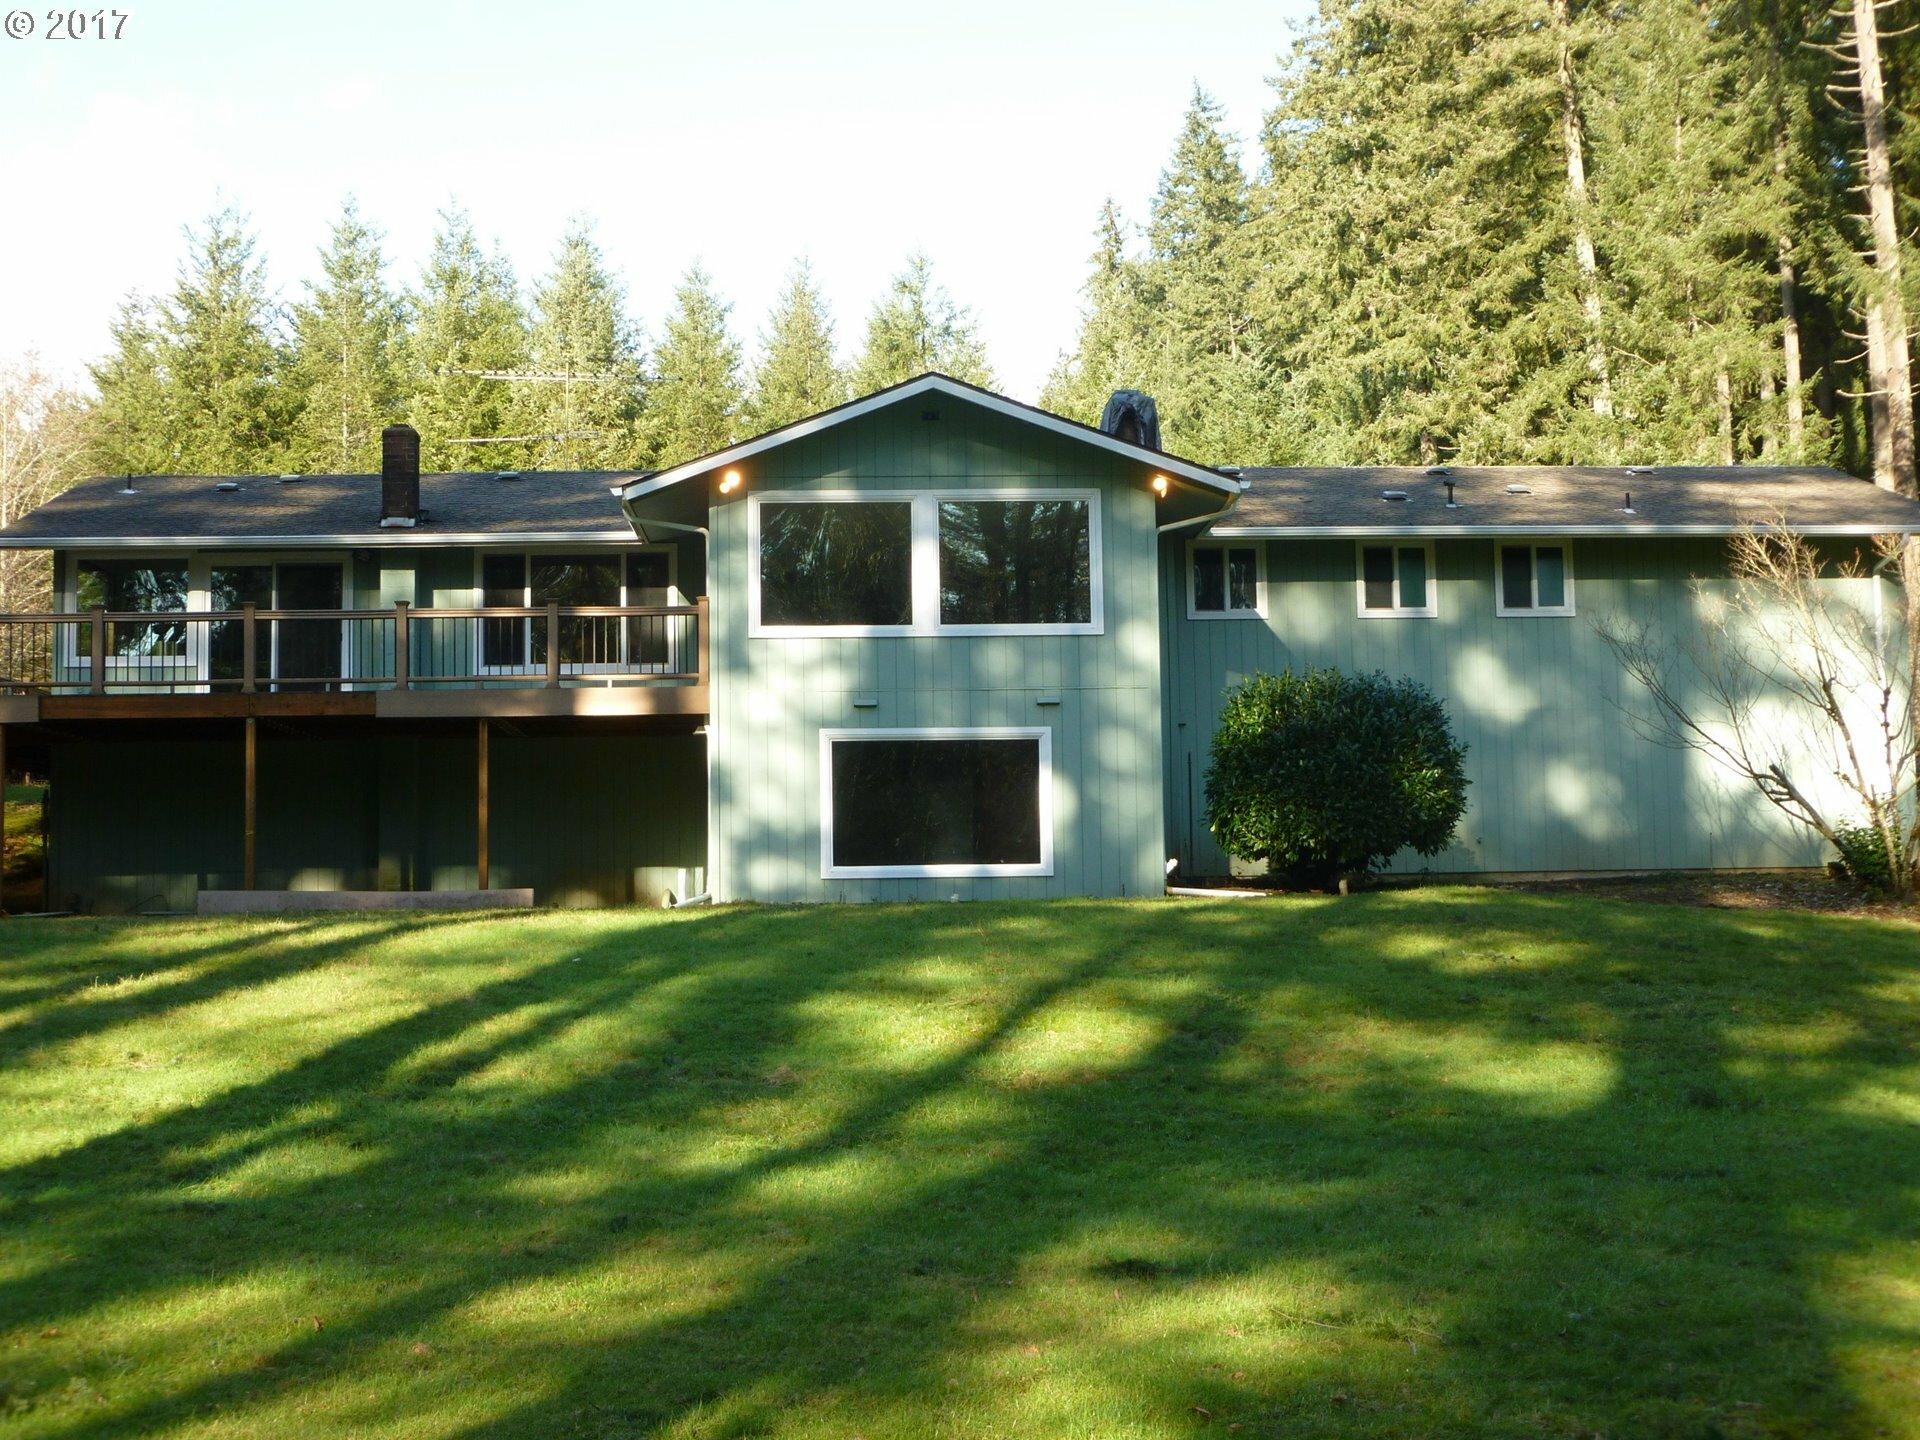 22620 Ne 68th St, Vancouver, WA - USA (photo 1)